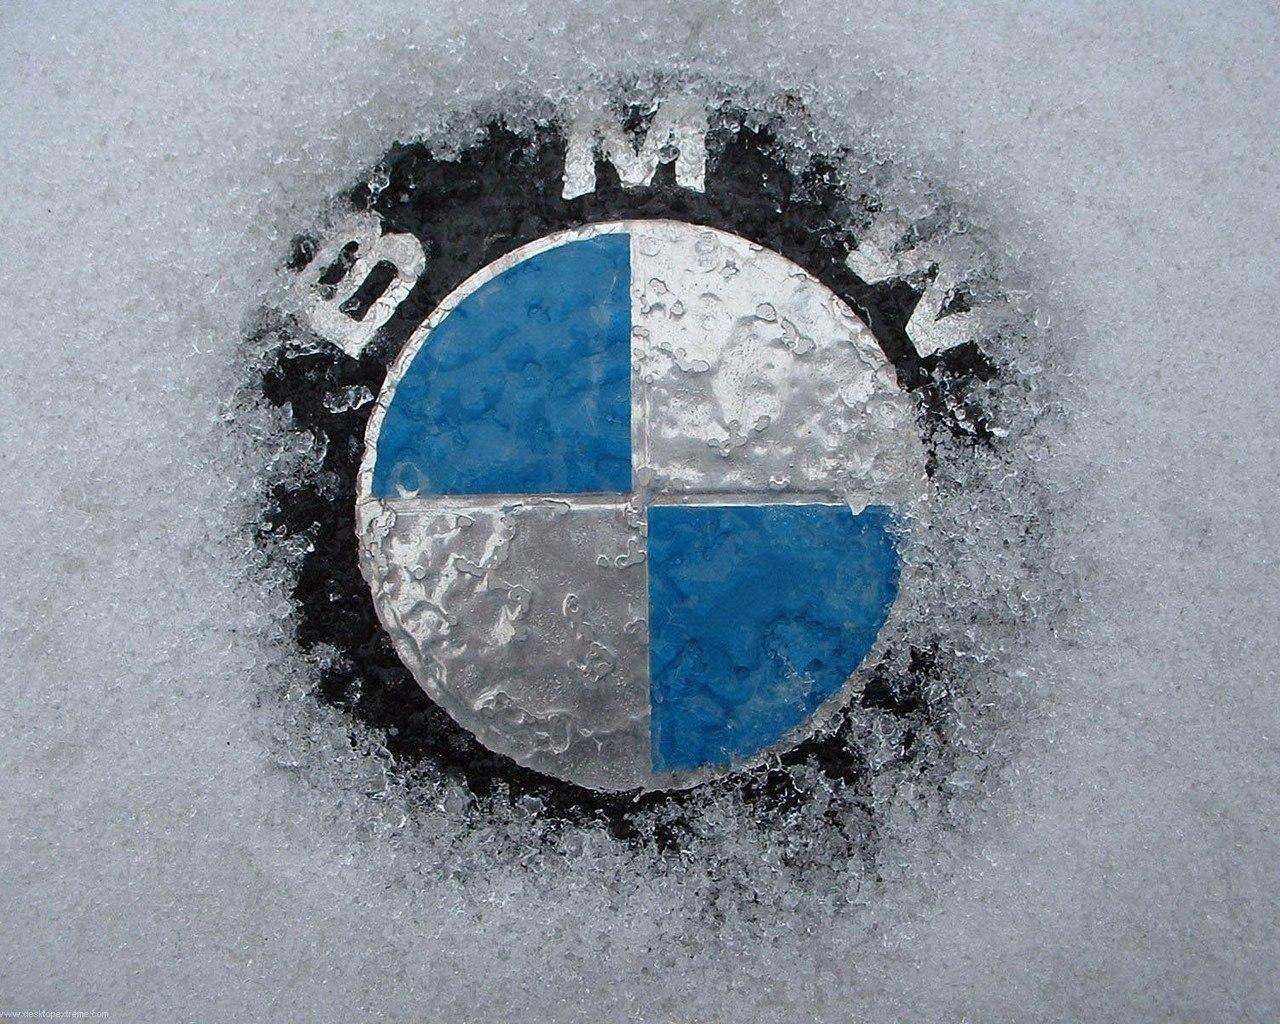 14337 скачать обои Бмв (Bmw), Бренды, Логотипы - заставки и картинки бесплатно